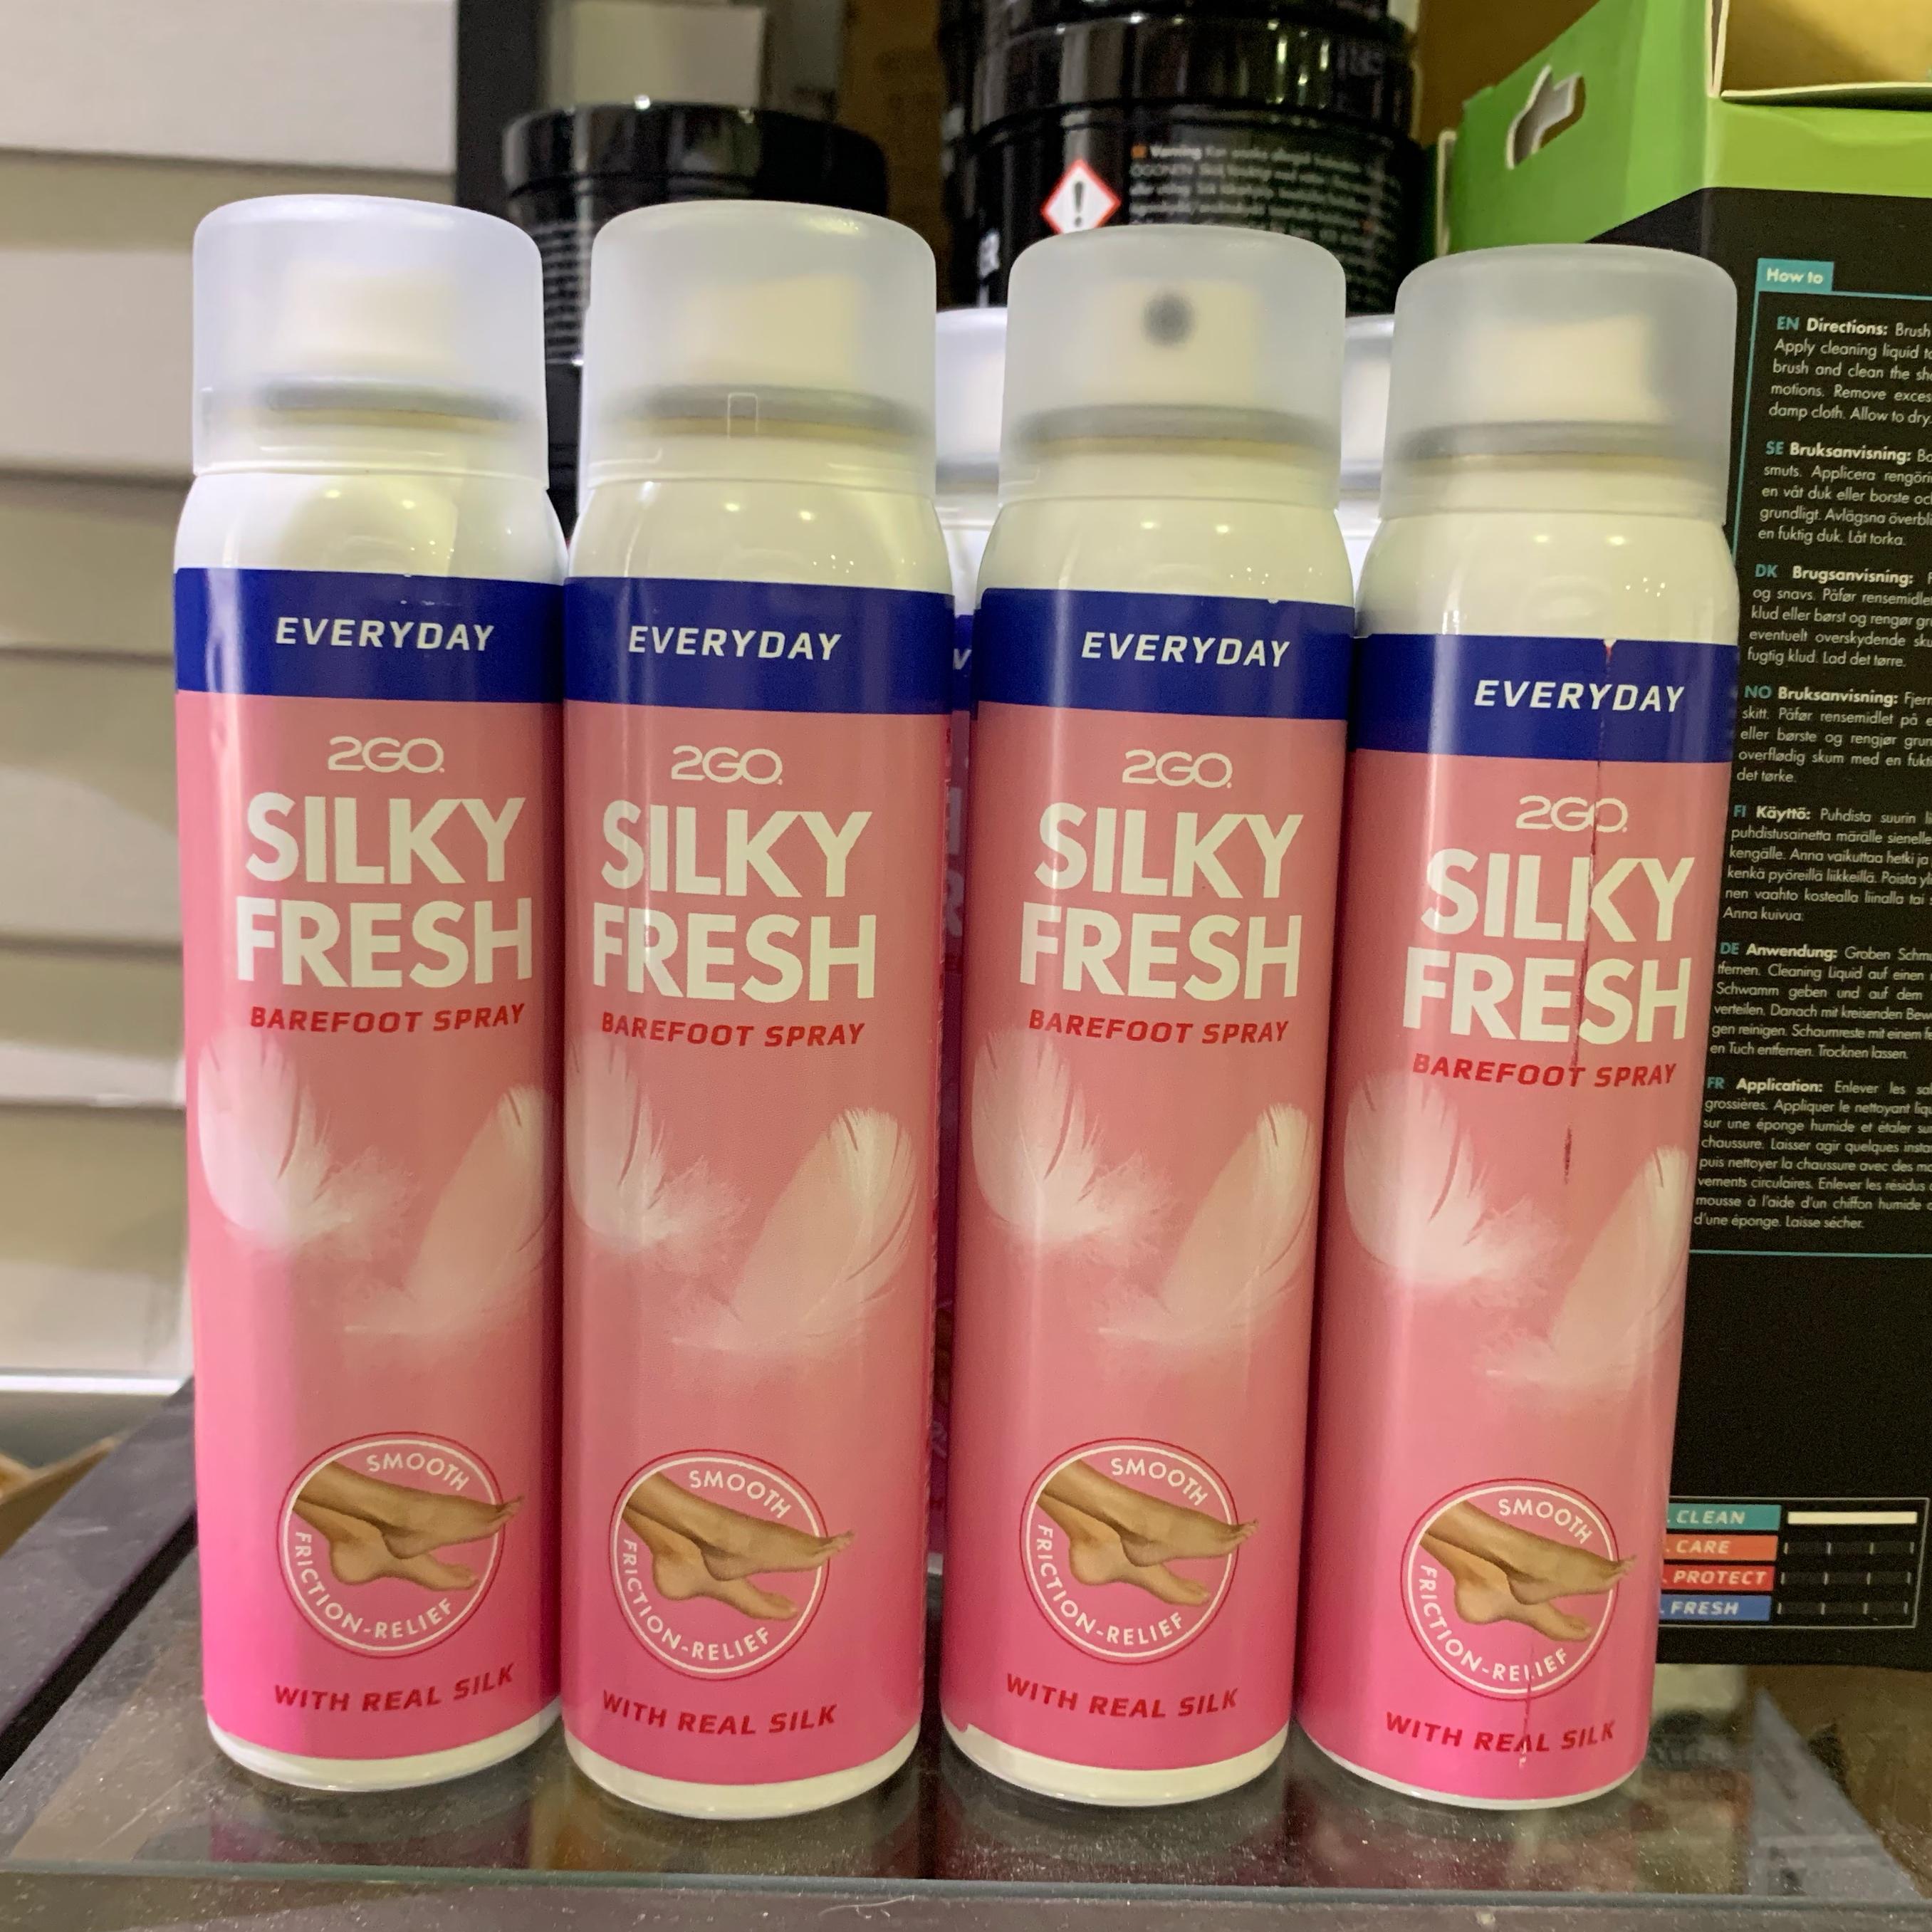 2 go silky fresh